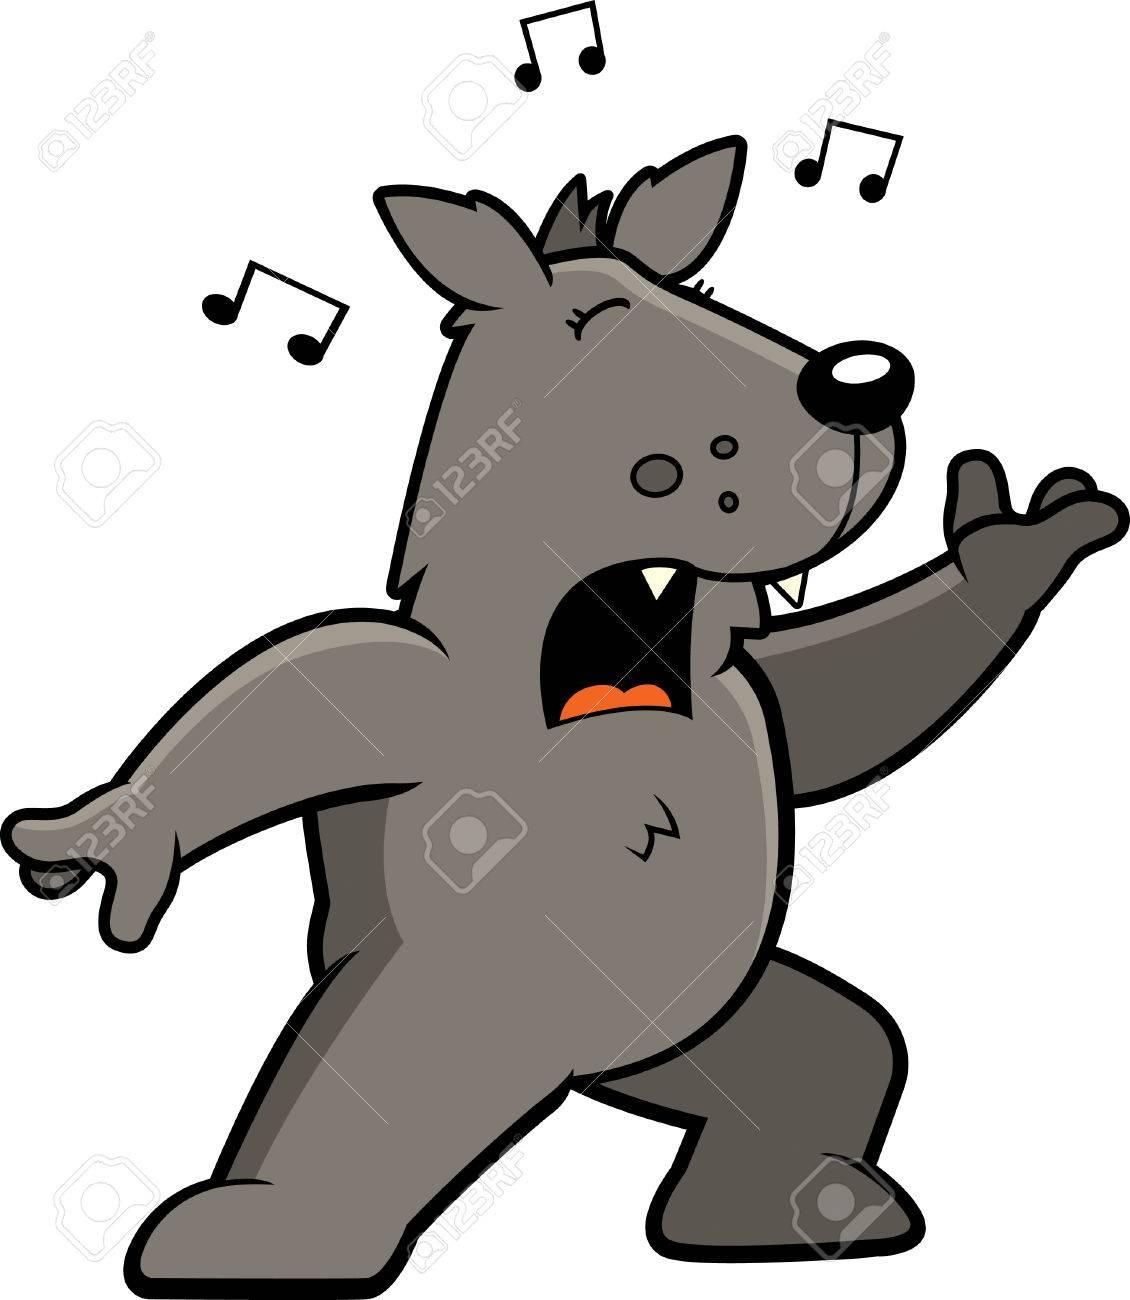 Vettoriale un cartone animato in piedi lupo e cantare una